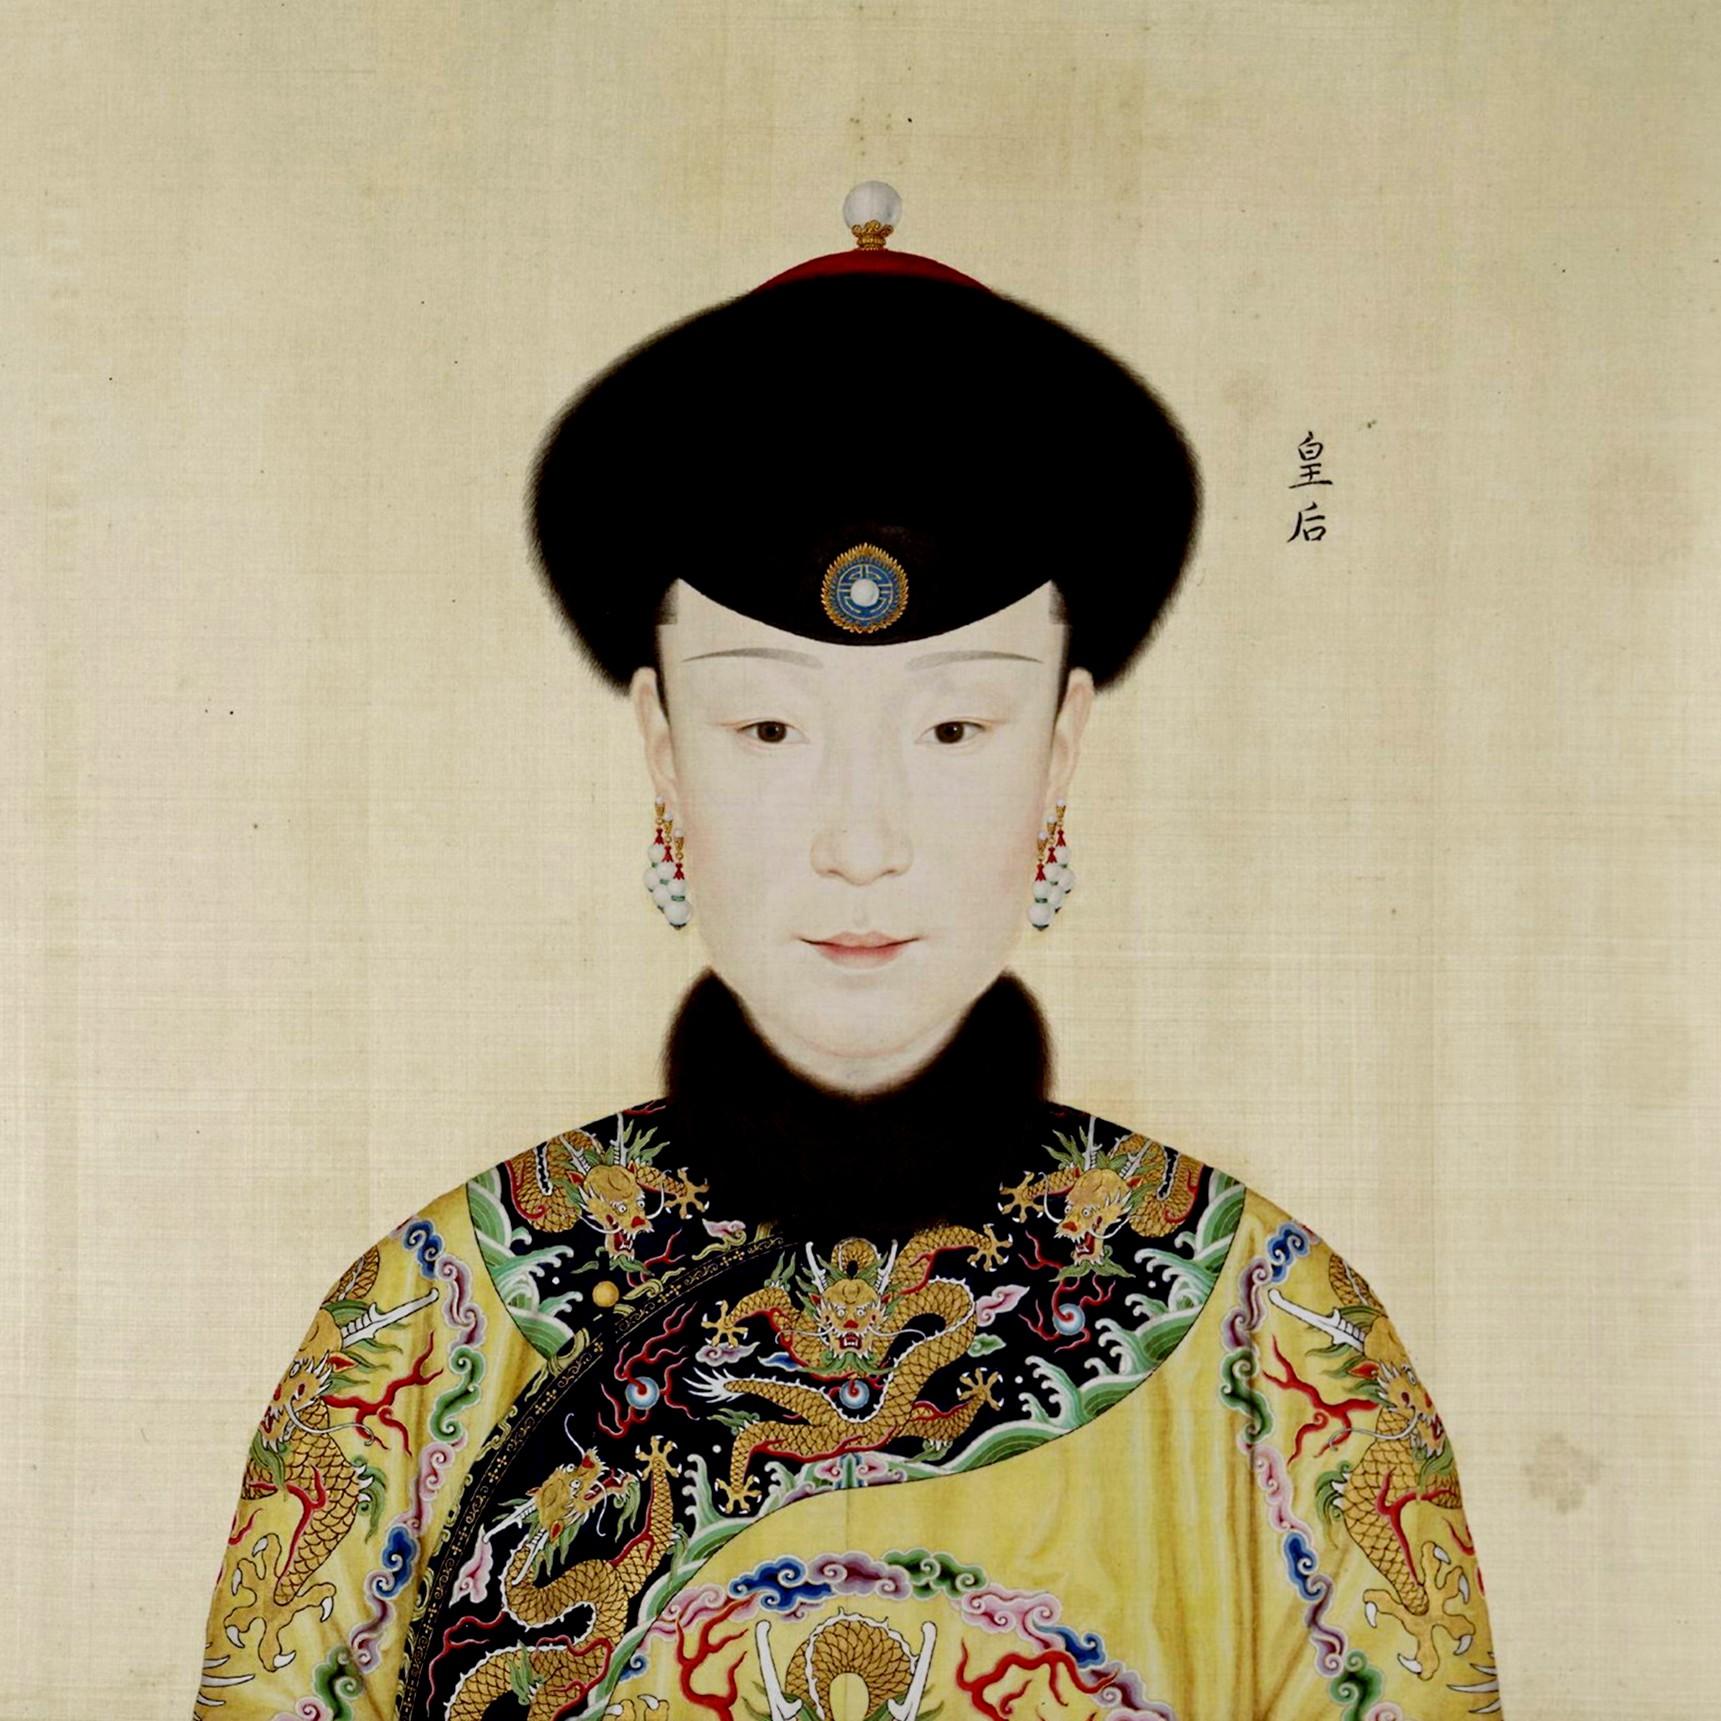 Diên Hi Công Lược đời thực: Hậu cung đông đúc, vua Càn Long vẫn chỉ yêu sâu đậm những phi tần này - Ảnh 1.